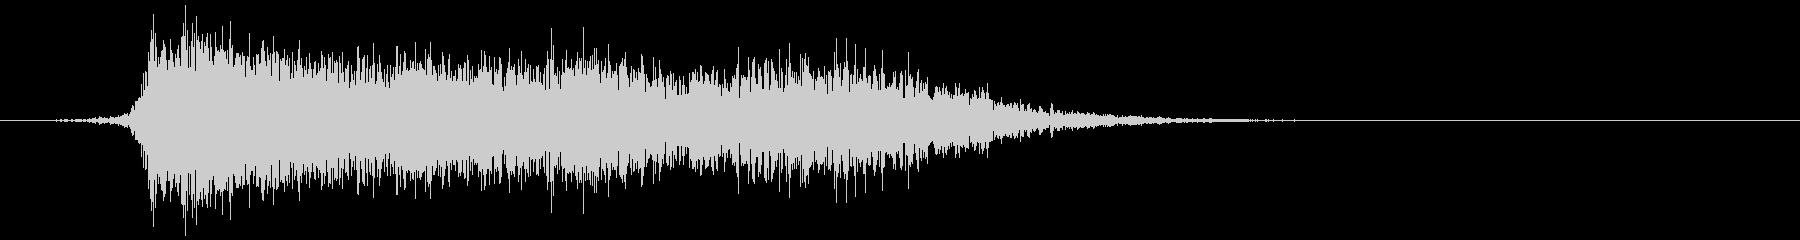 コミカルなダッシュ ジャンプ効果音10cの未再生の波形